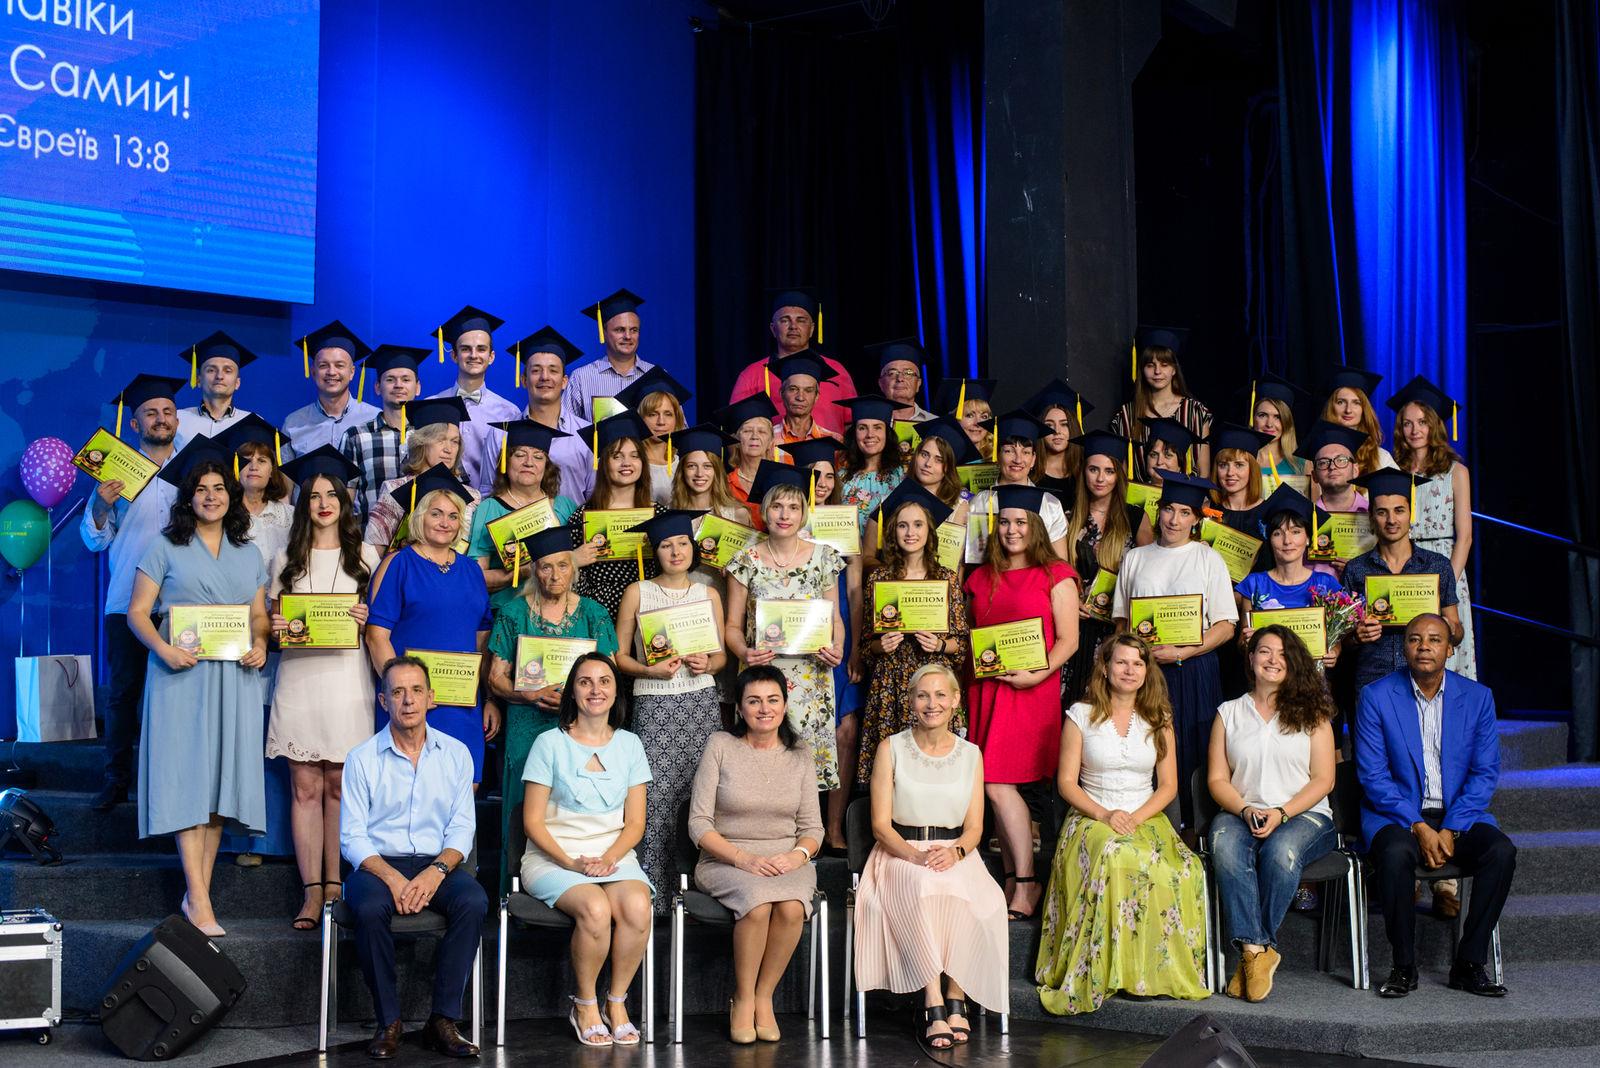 Випускний Біблійної школи «Робітники Царства» 2019